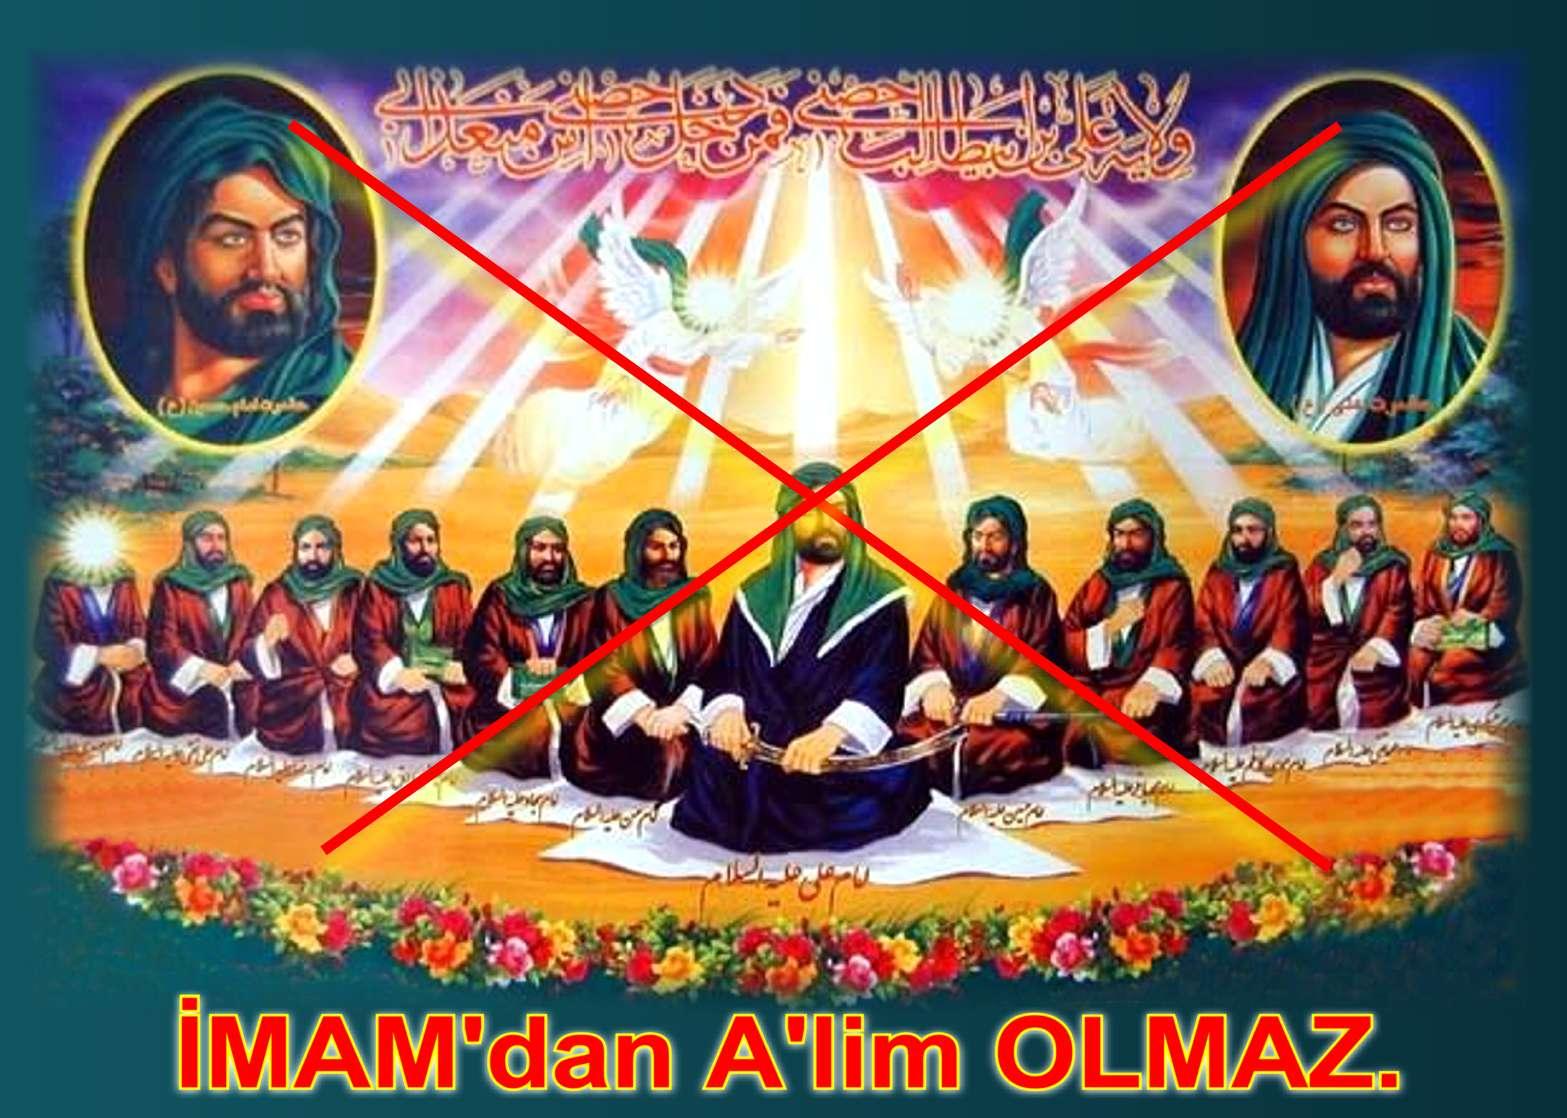 Devrimci Aleviler Birliği DAB Alevi Kızılbaş Bektaşi pir sultan cem hz Ali 12 imam semah Feramuz Şah Acar imamdan alim olmaz